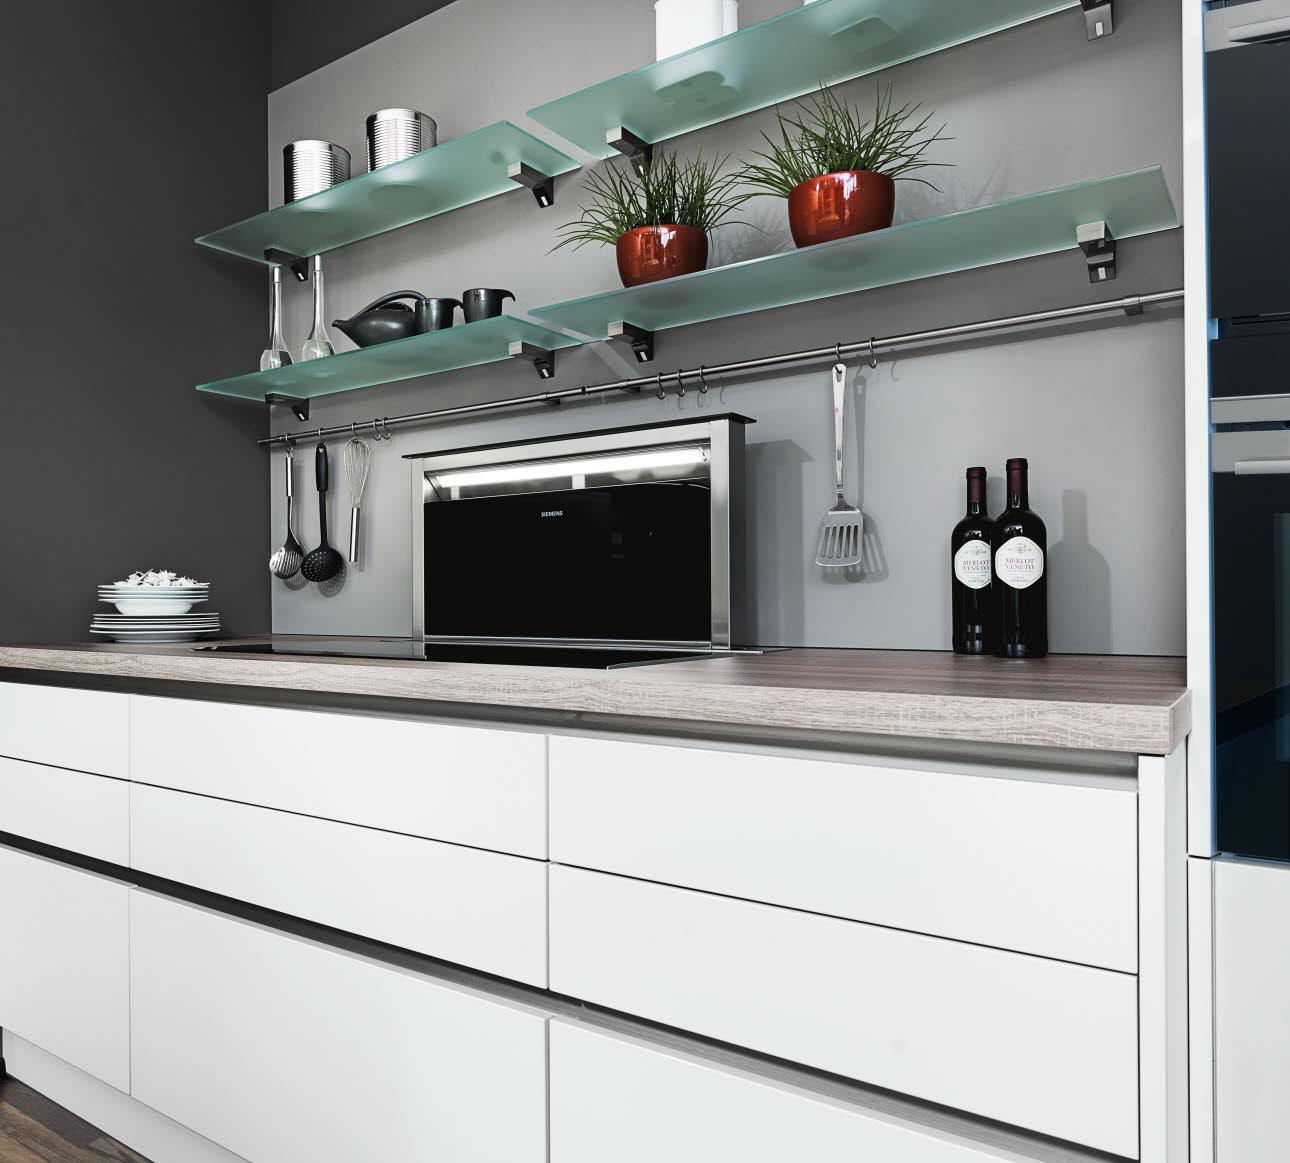 kchen hinterwand aus holz statt u ideen und tipps with kchen hinterwand aus holz statt u ideen. Black Bedroom Furniture Sets. Home Design Ideas